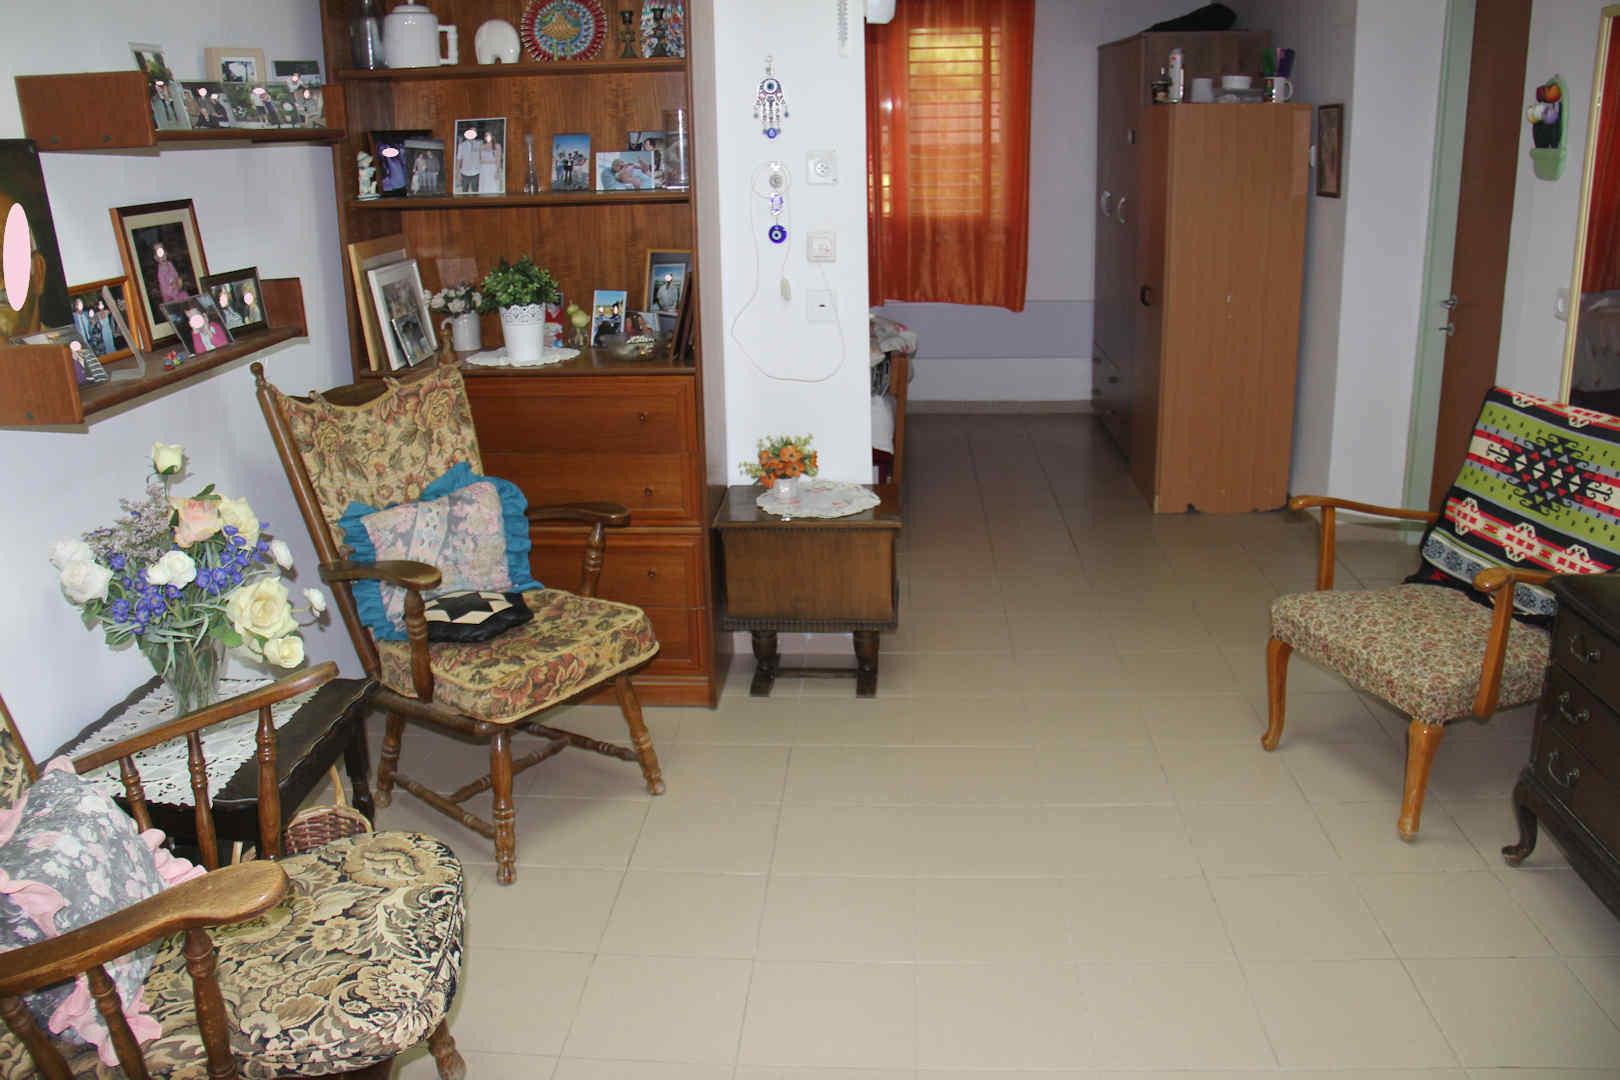 בית עיינות – בית אבות בקיבוץ רמת דוד חדר